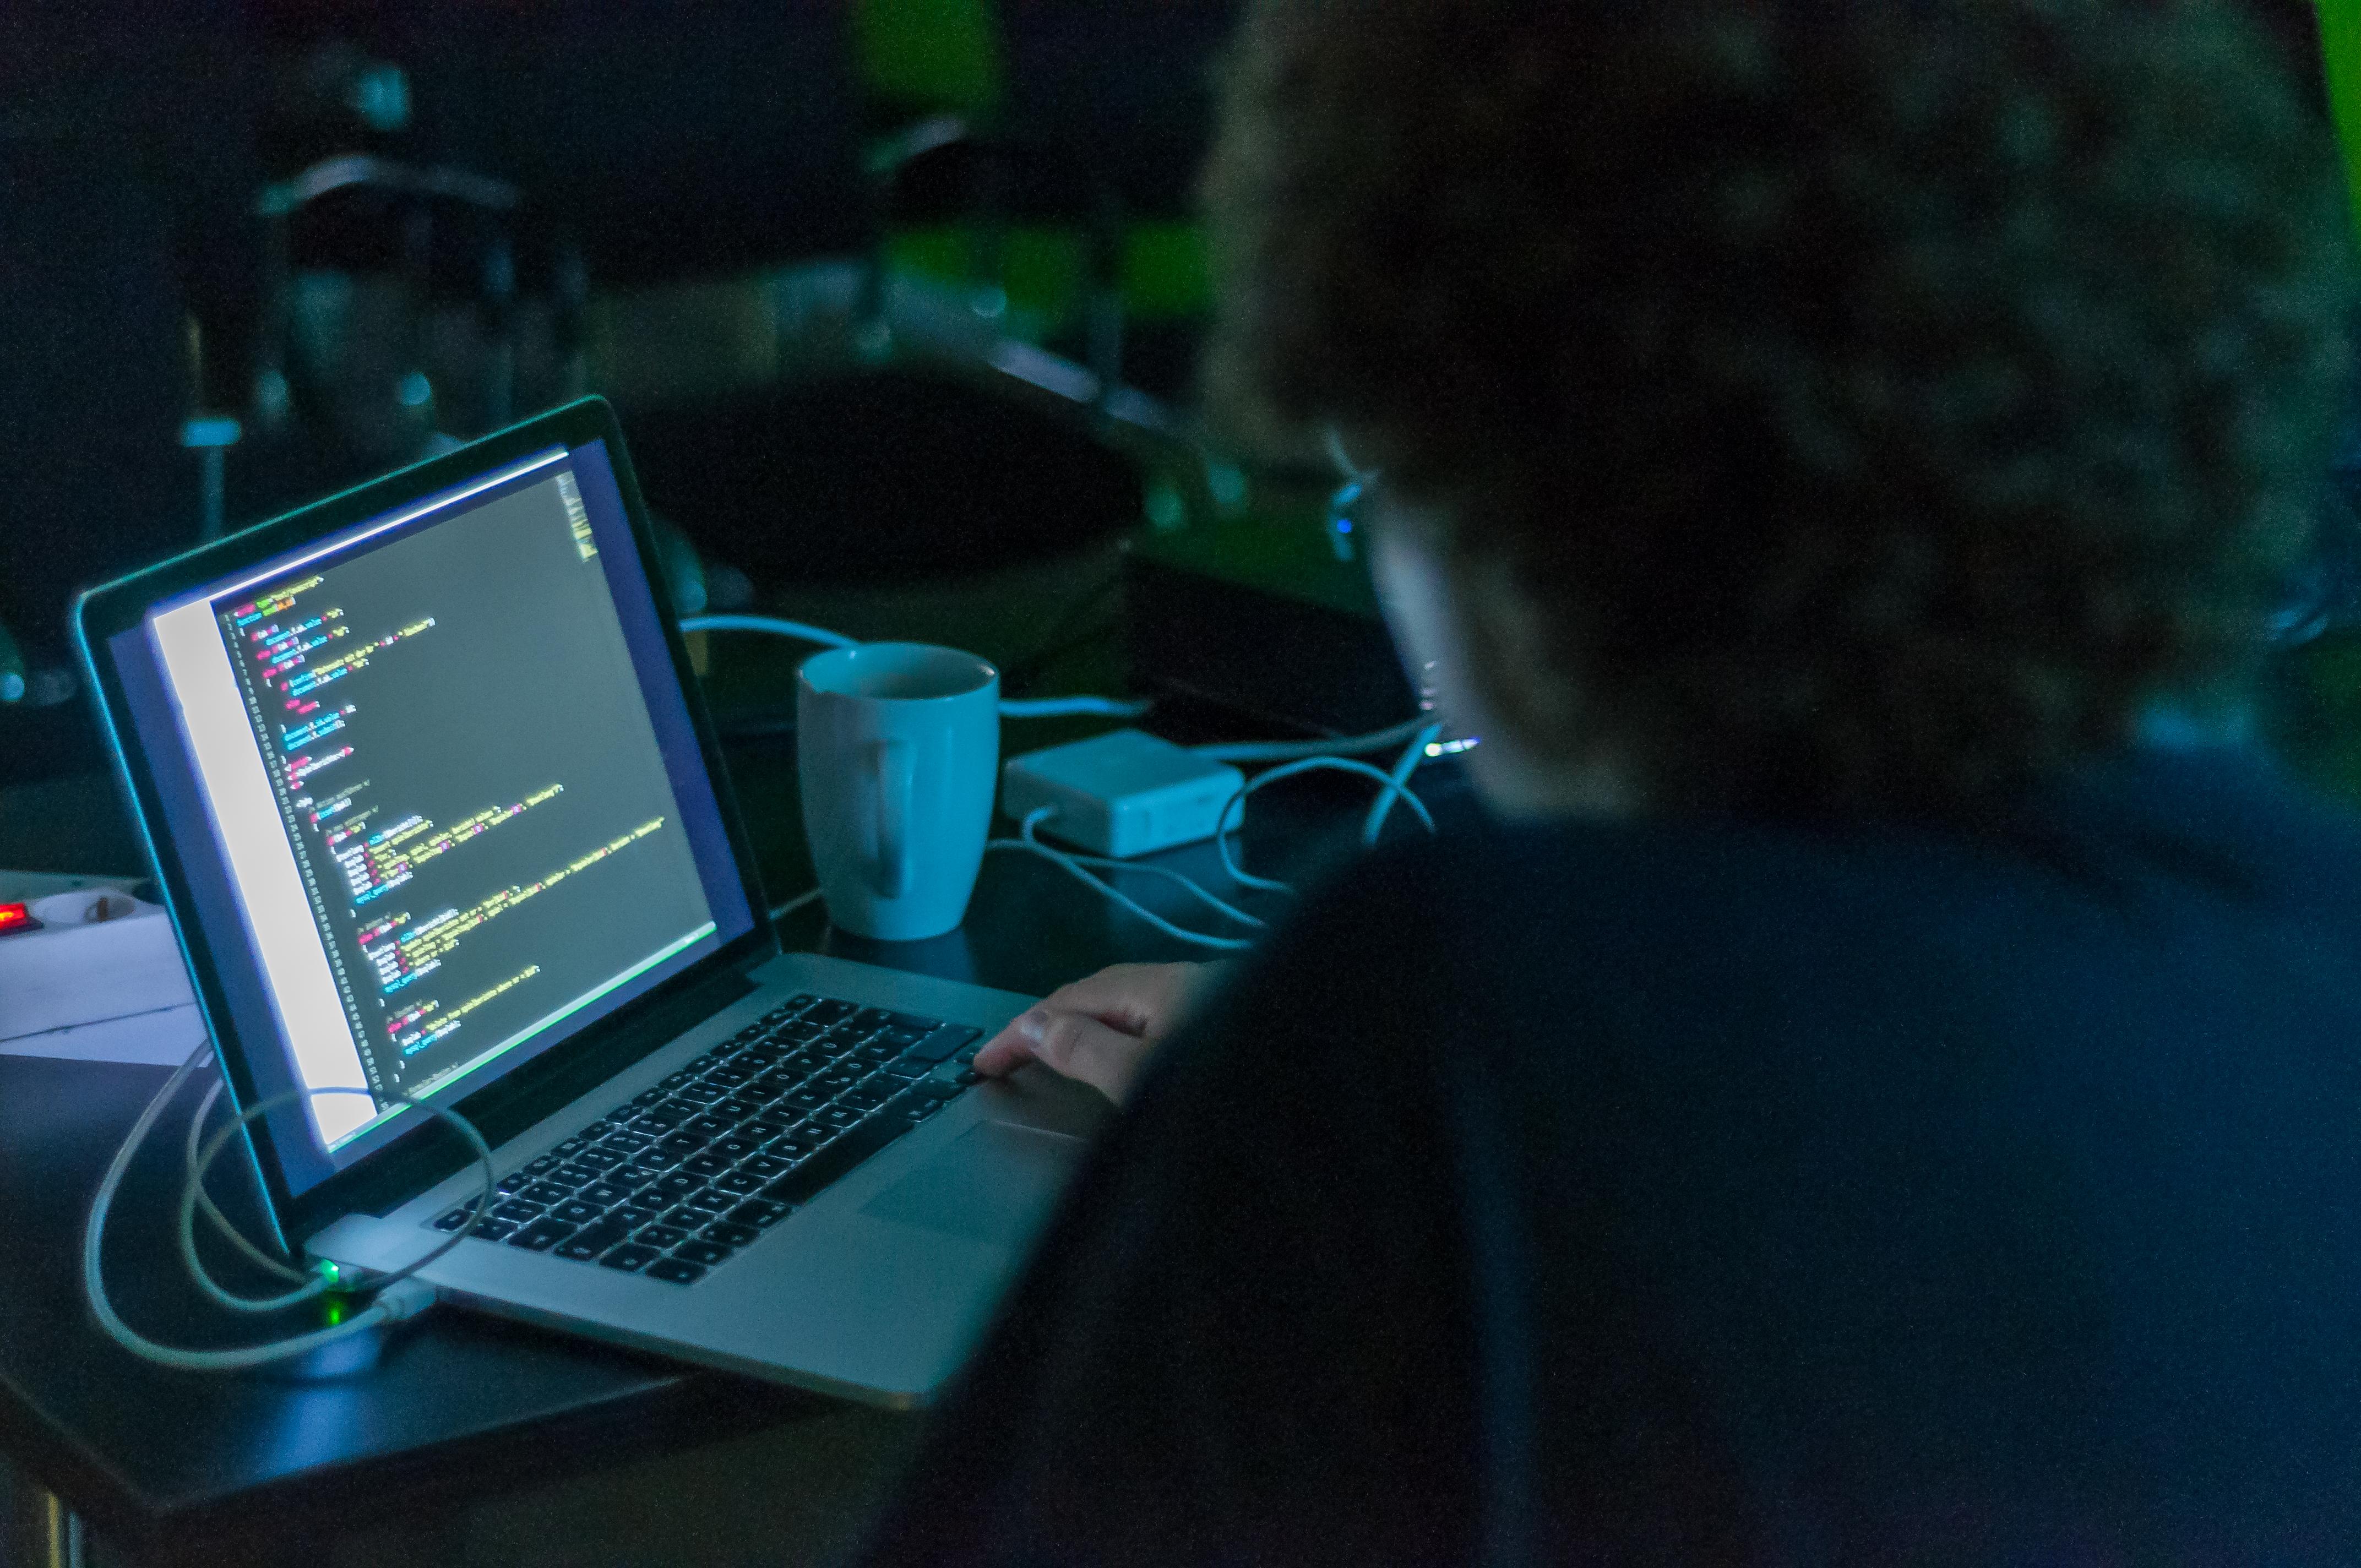 Microsoft lanzó un parche para lograr proteger a los equipos que utilizan Microsoft (Foto: Flickr)